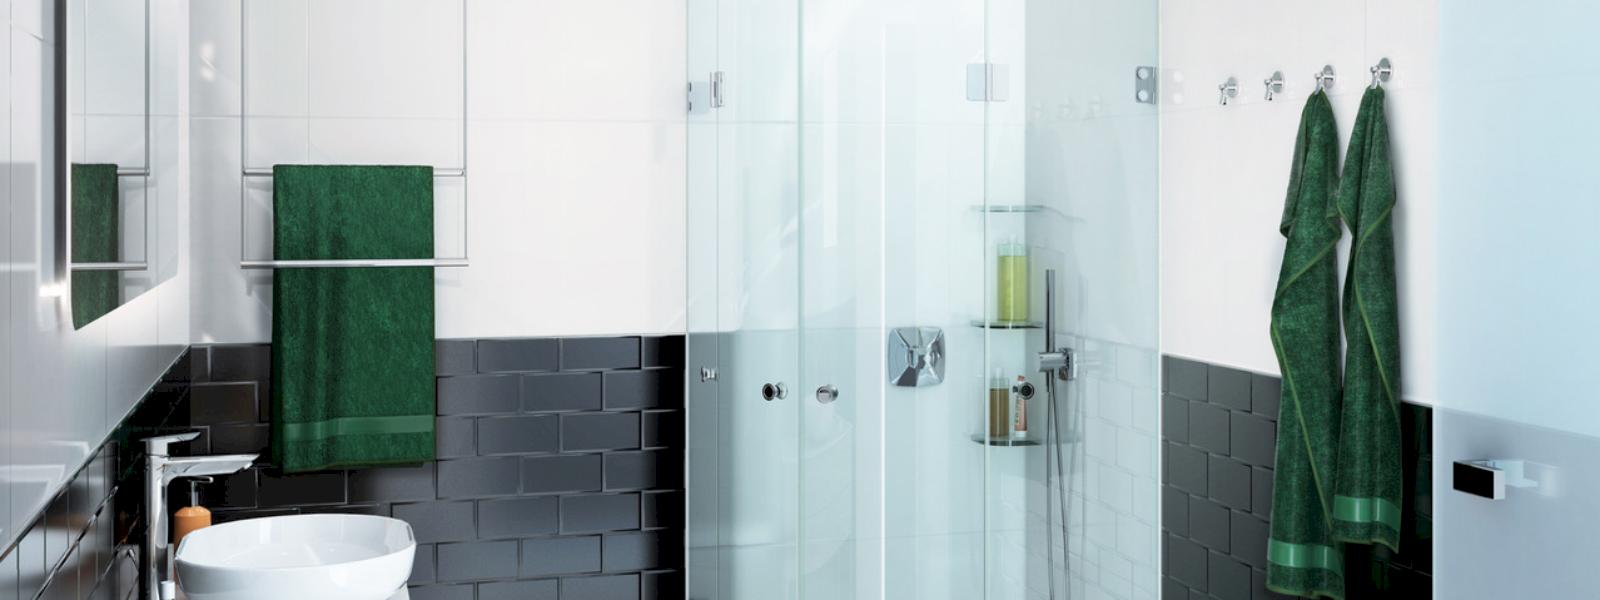 Glassdouche kleines Bad mit grünen Handtüchern